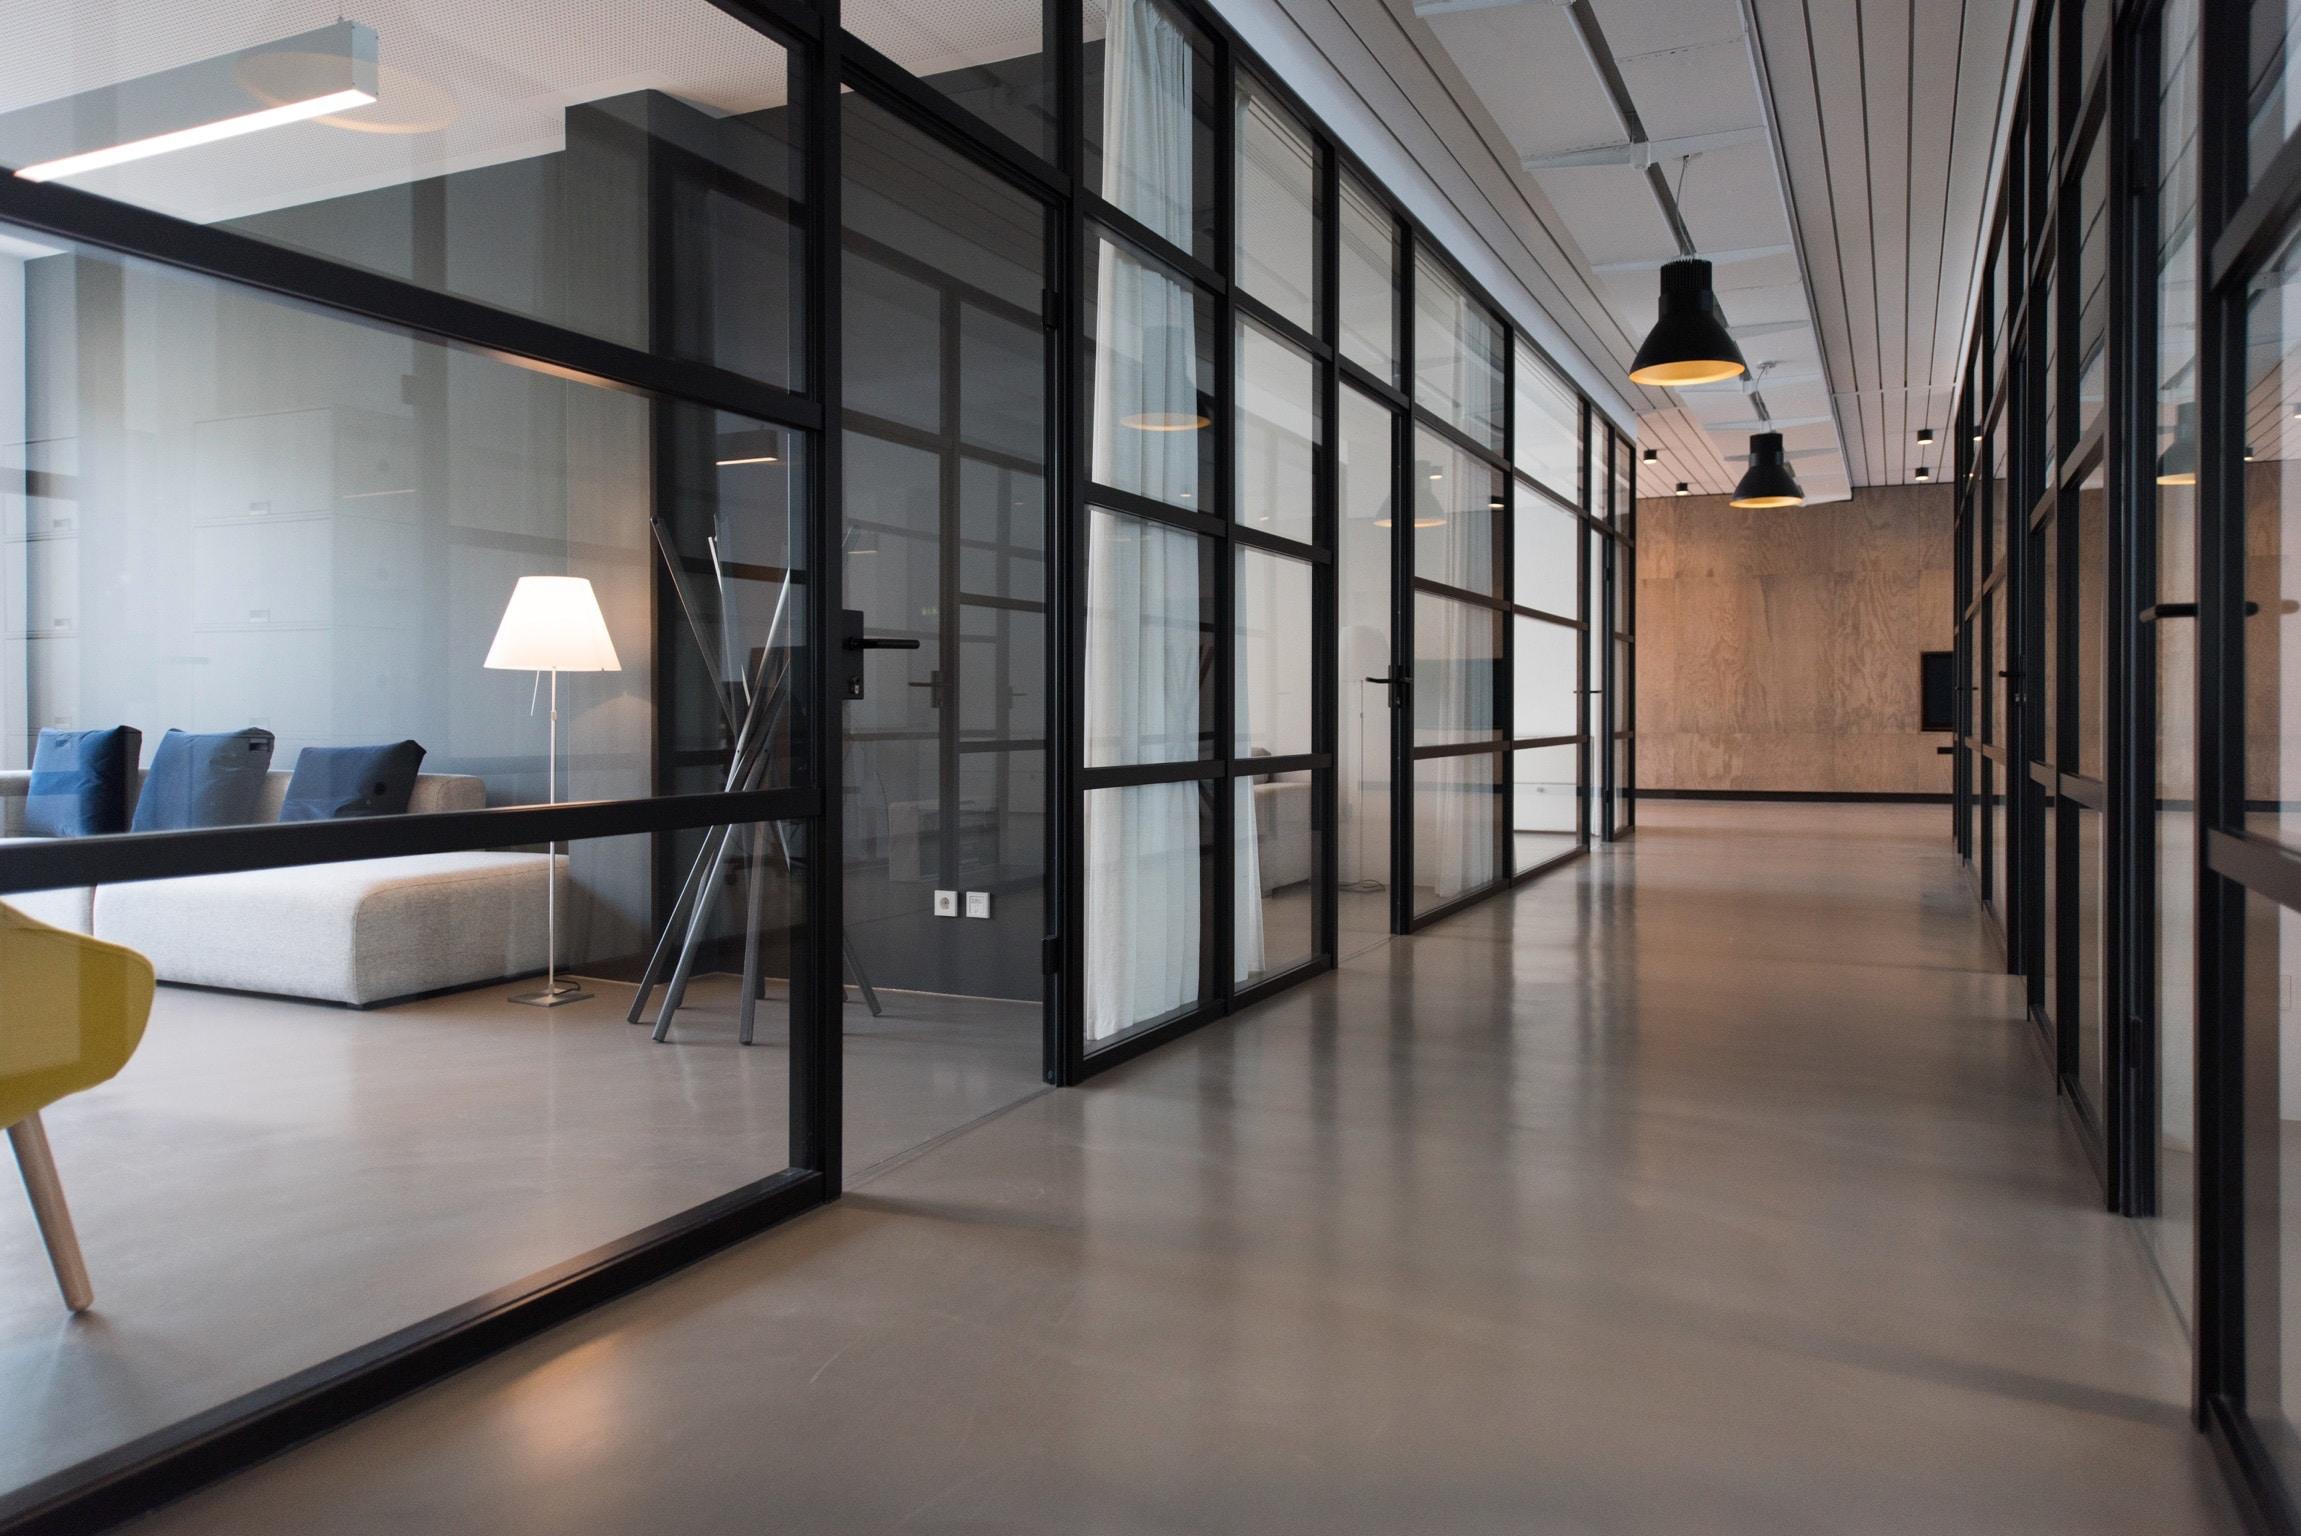 Installation af nyt lys i butik eller kontor